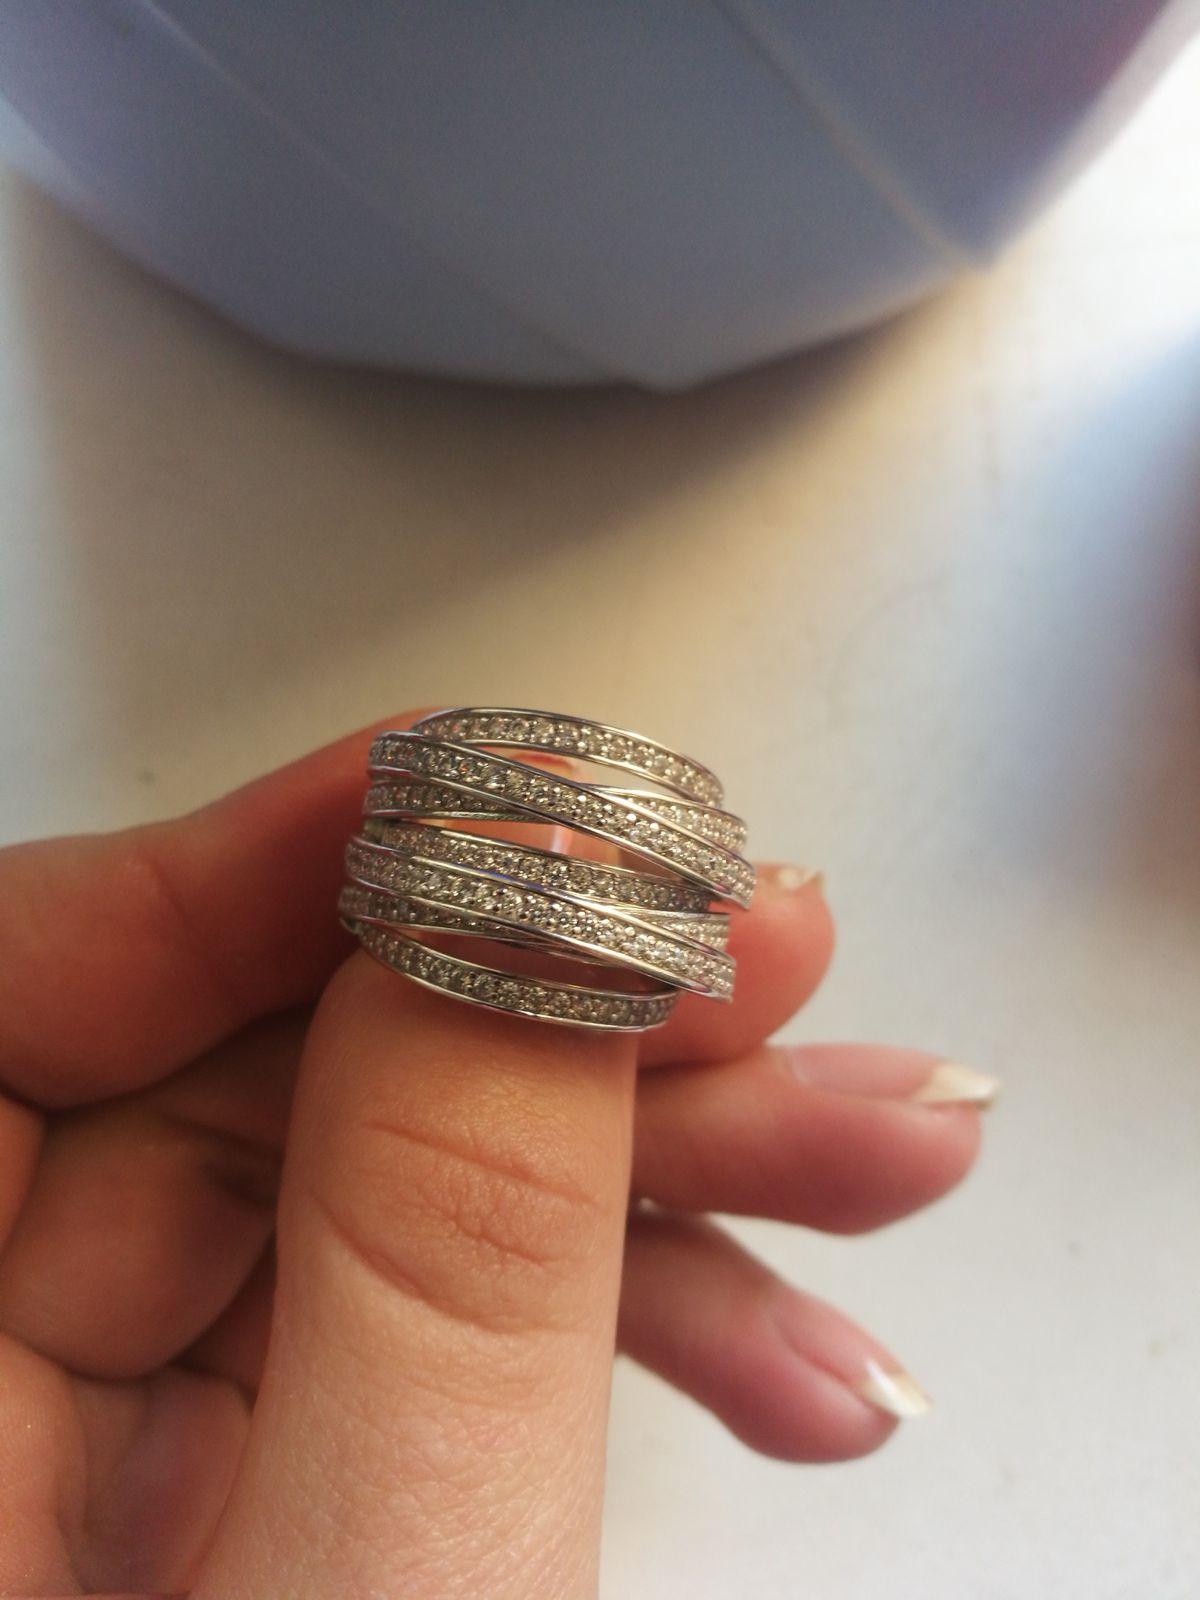 Очень дорого и необычно смотрится колечко на пальчике, к нему купила серьги